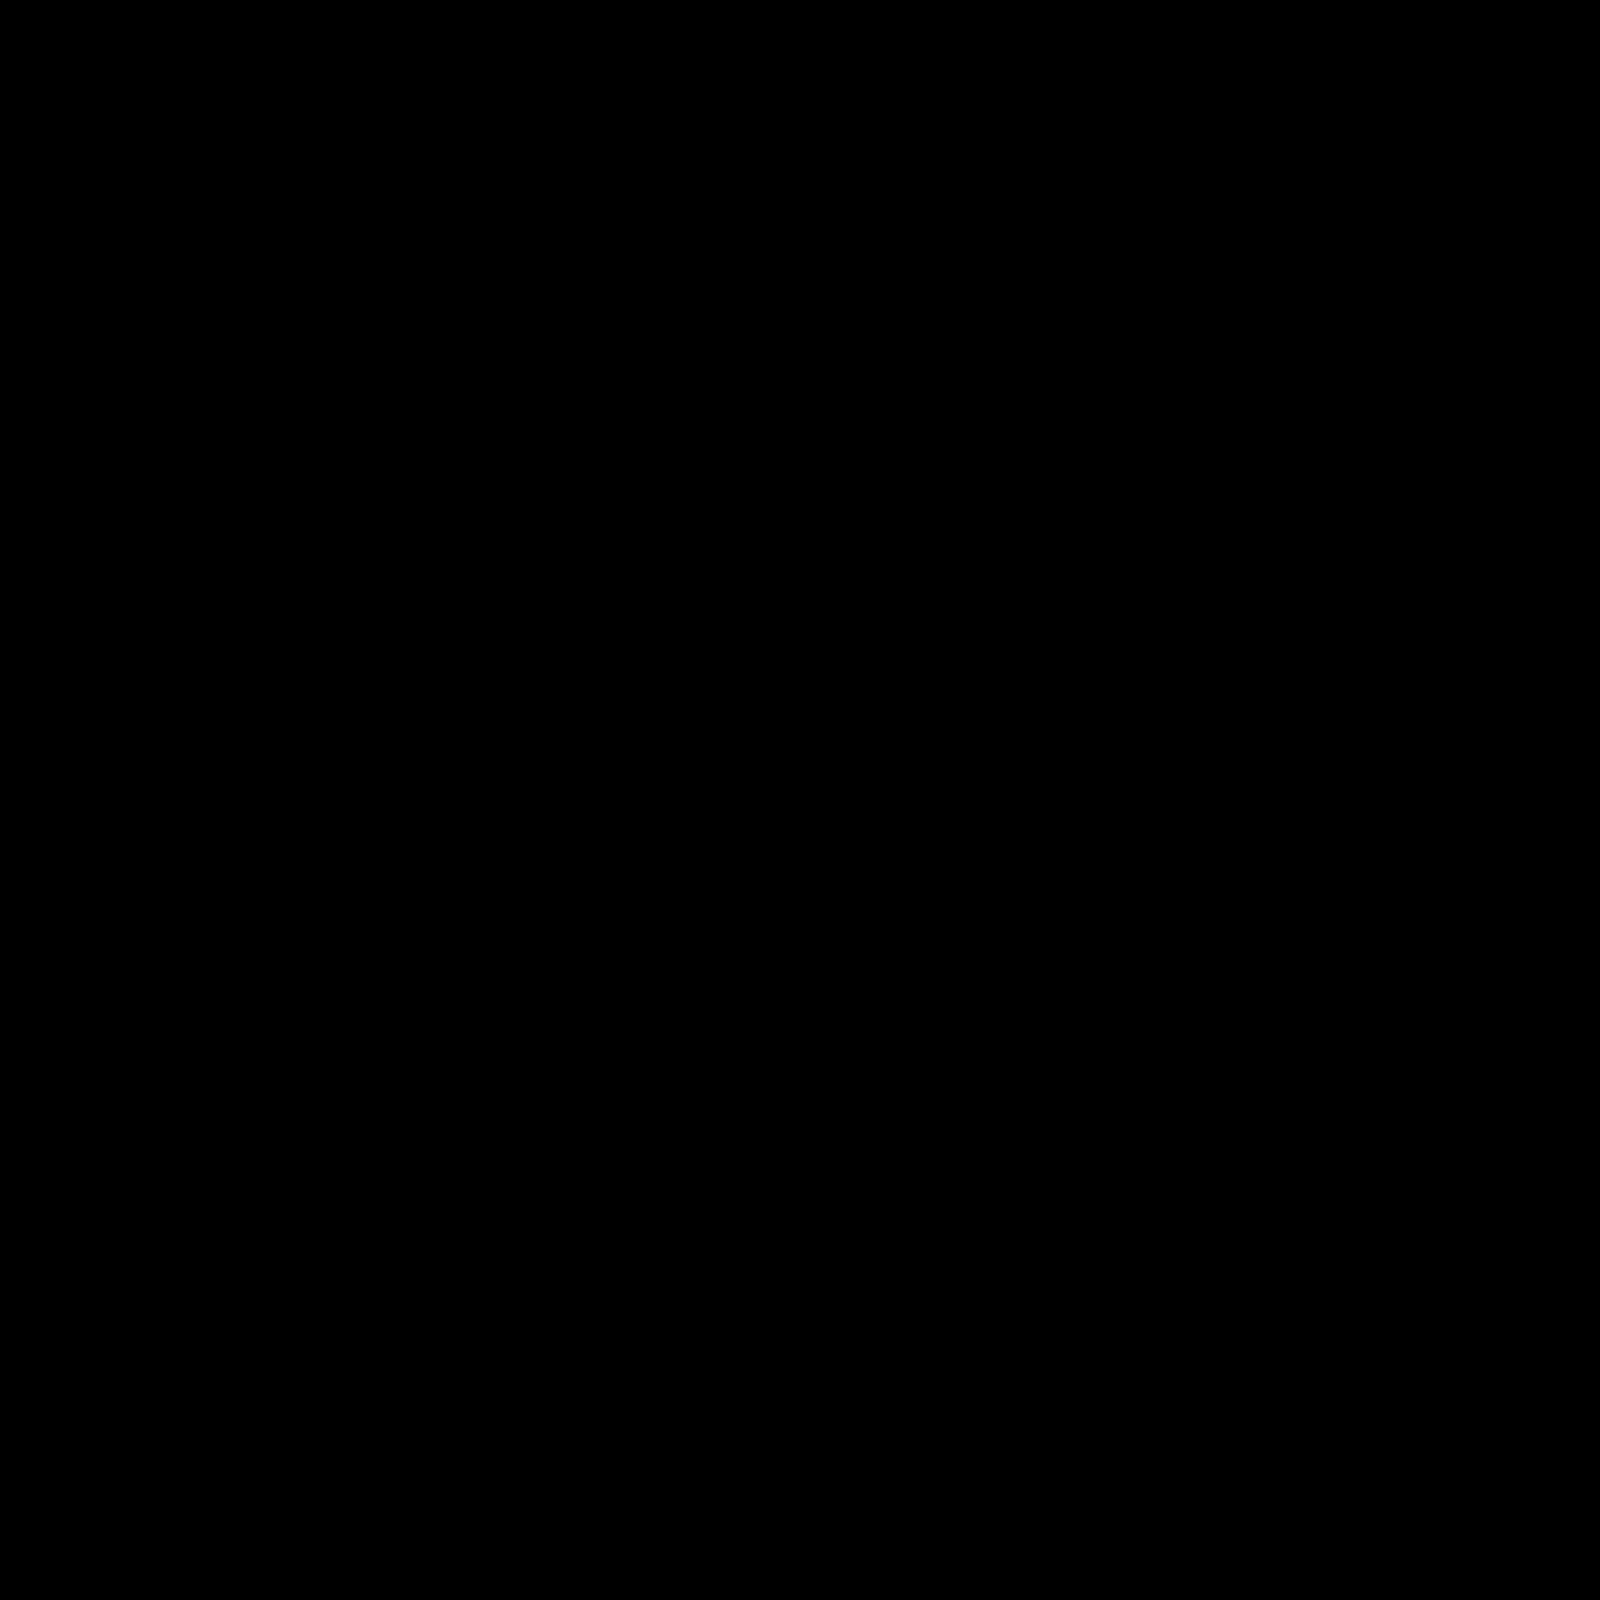 Bandyta icon